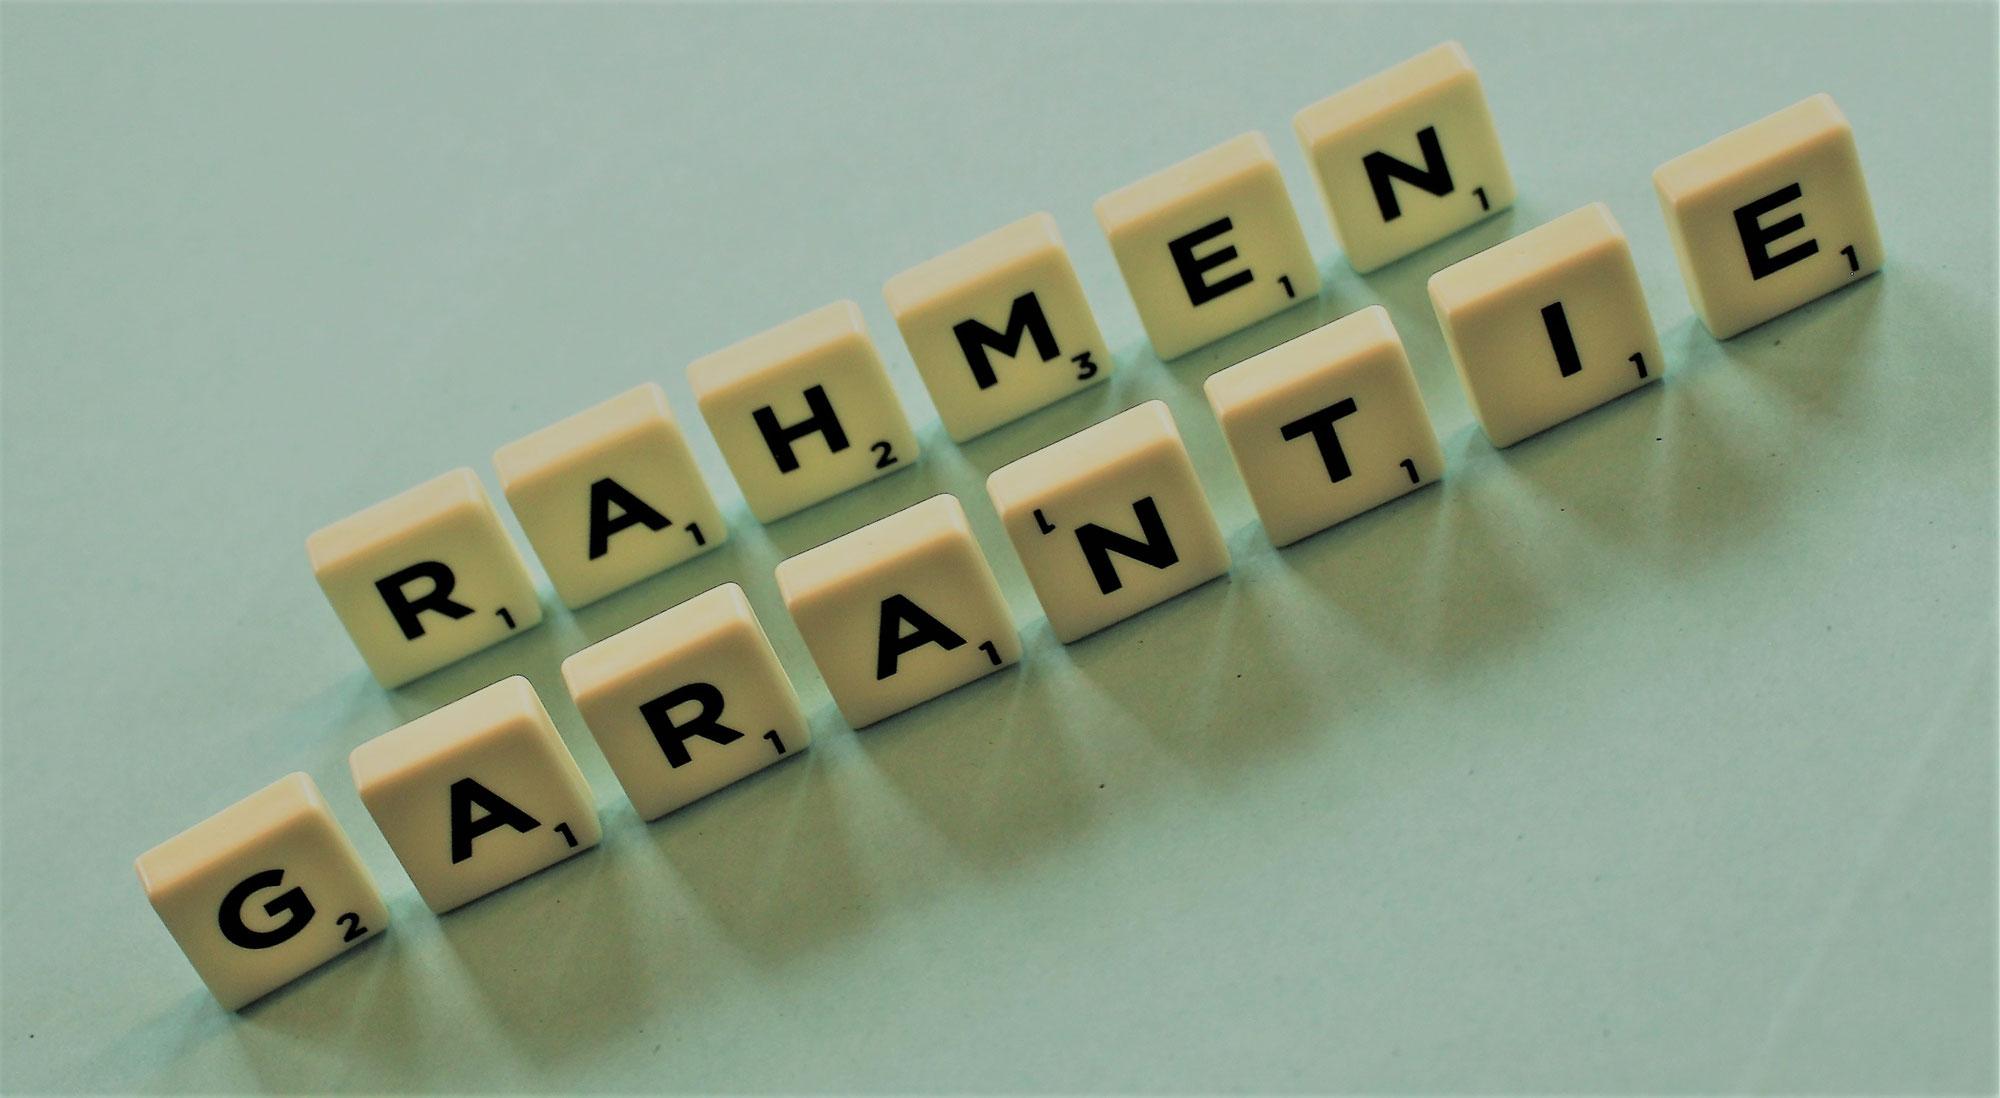 Spannende Zeiten- Aktuelle Entwicklungen & Veränderungen am Garantie-Rahmen Markt des Jahres 2020